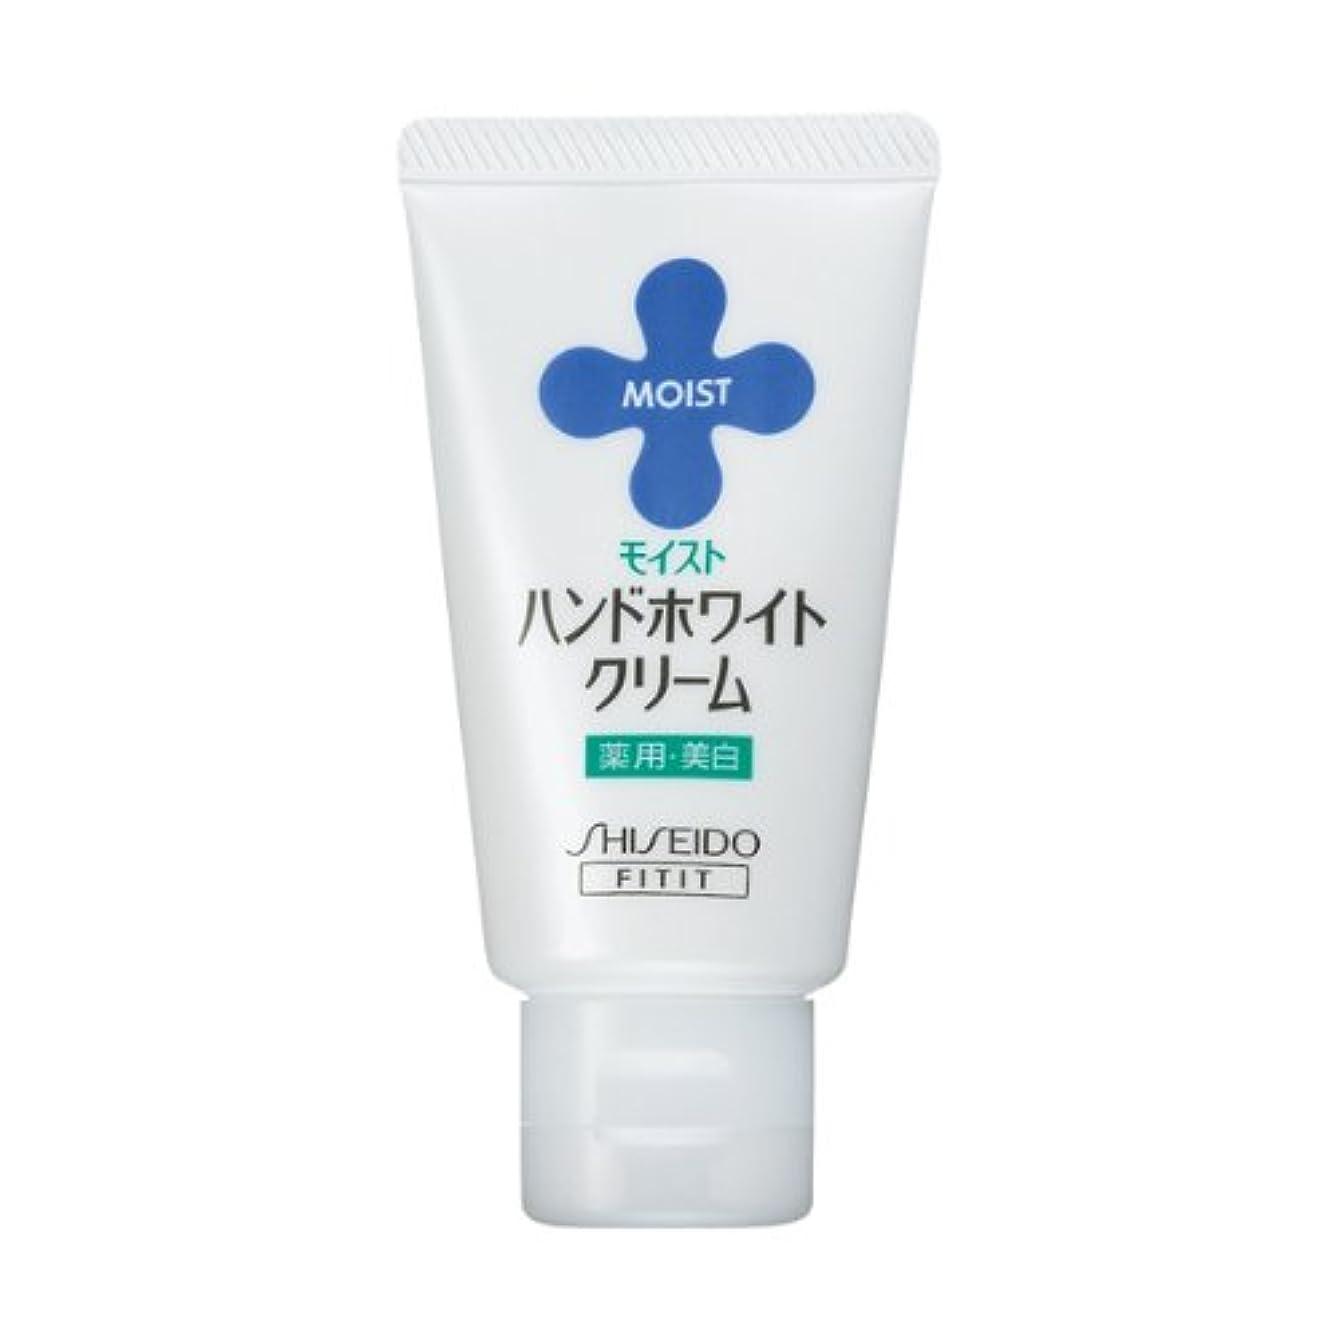 アイザック応じるおしゃれじゃないモイスト ハンドホワイトクリーム S 40g 【医薬部外品】